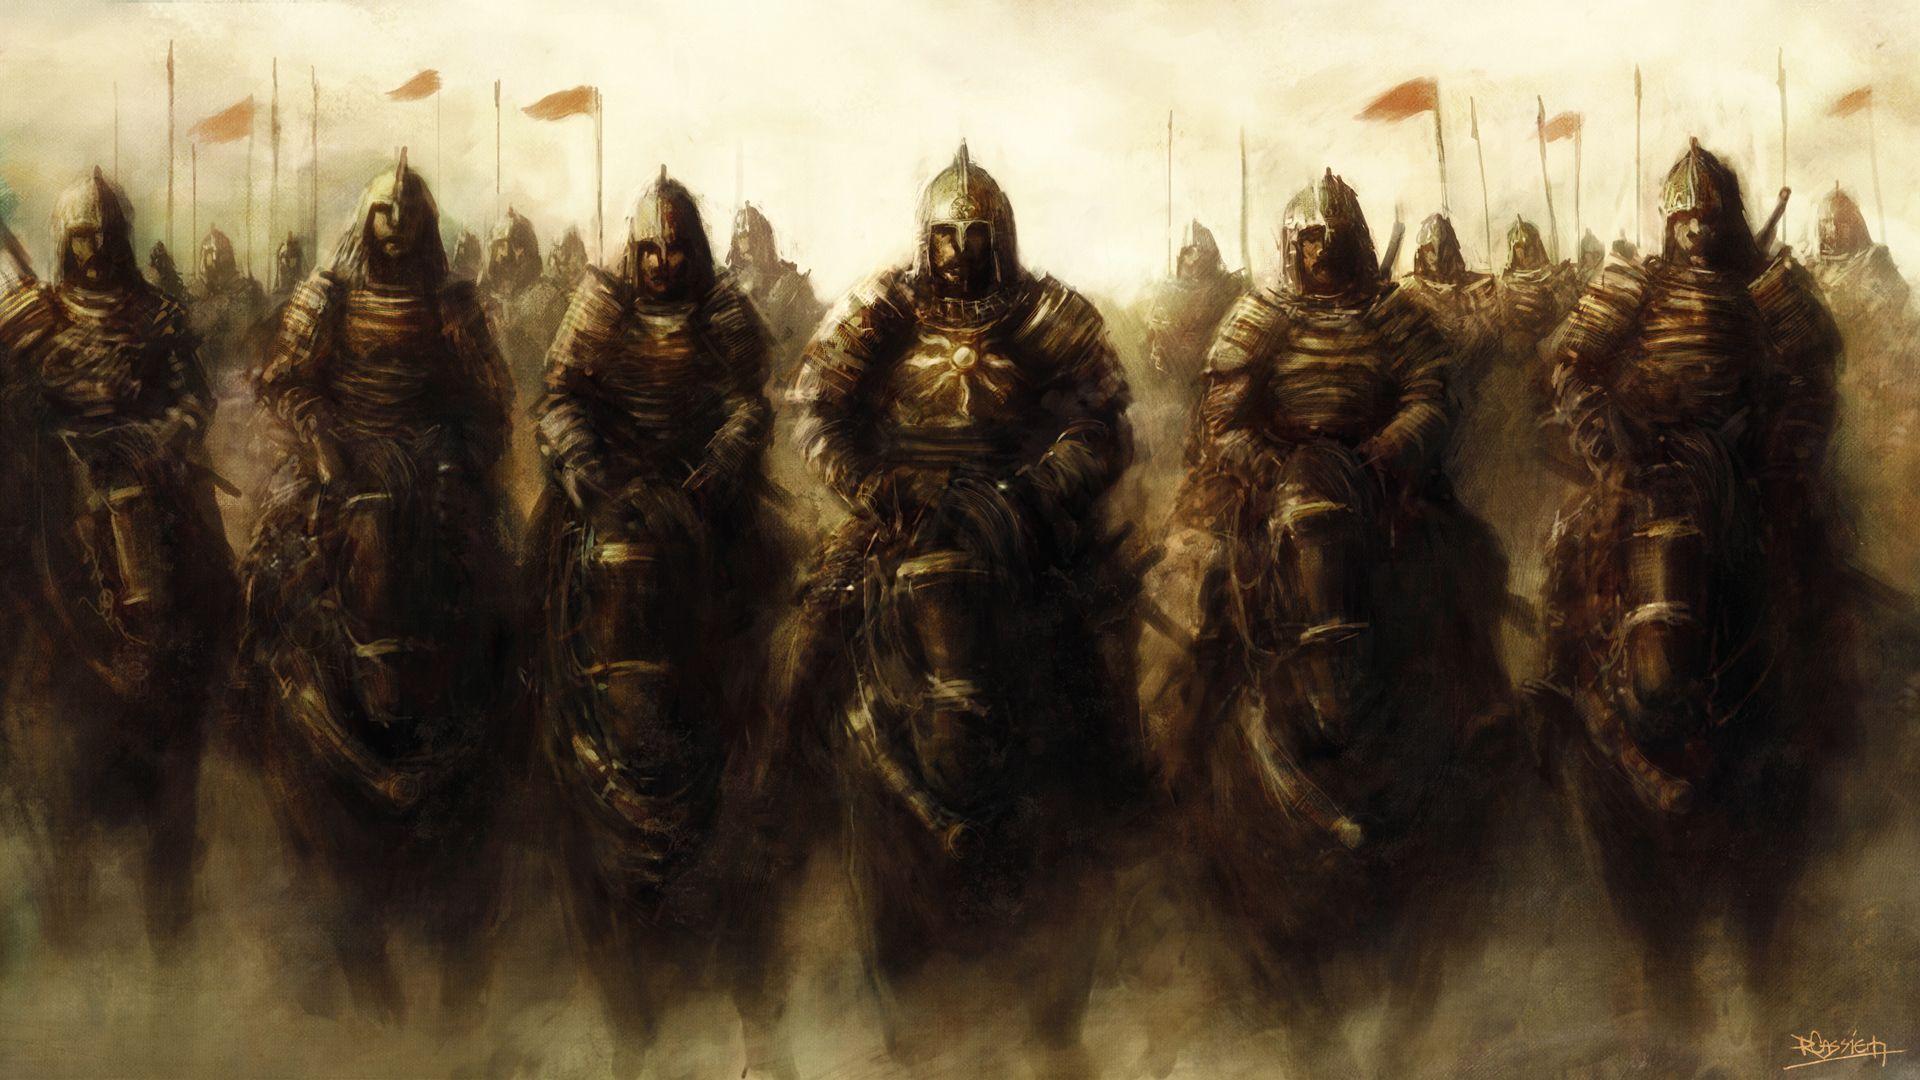 Top Wallpaper Horse Warrior - 9082f858dc4507408e2e76010a09e6cf  Image_108171.jpg